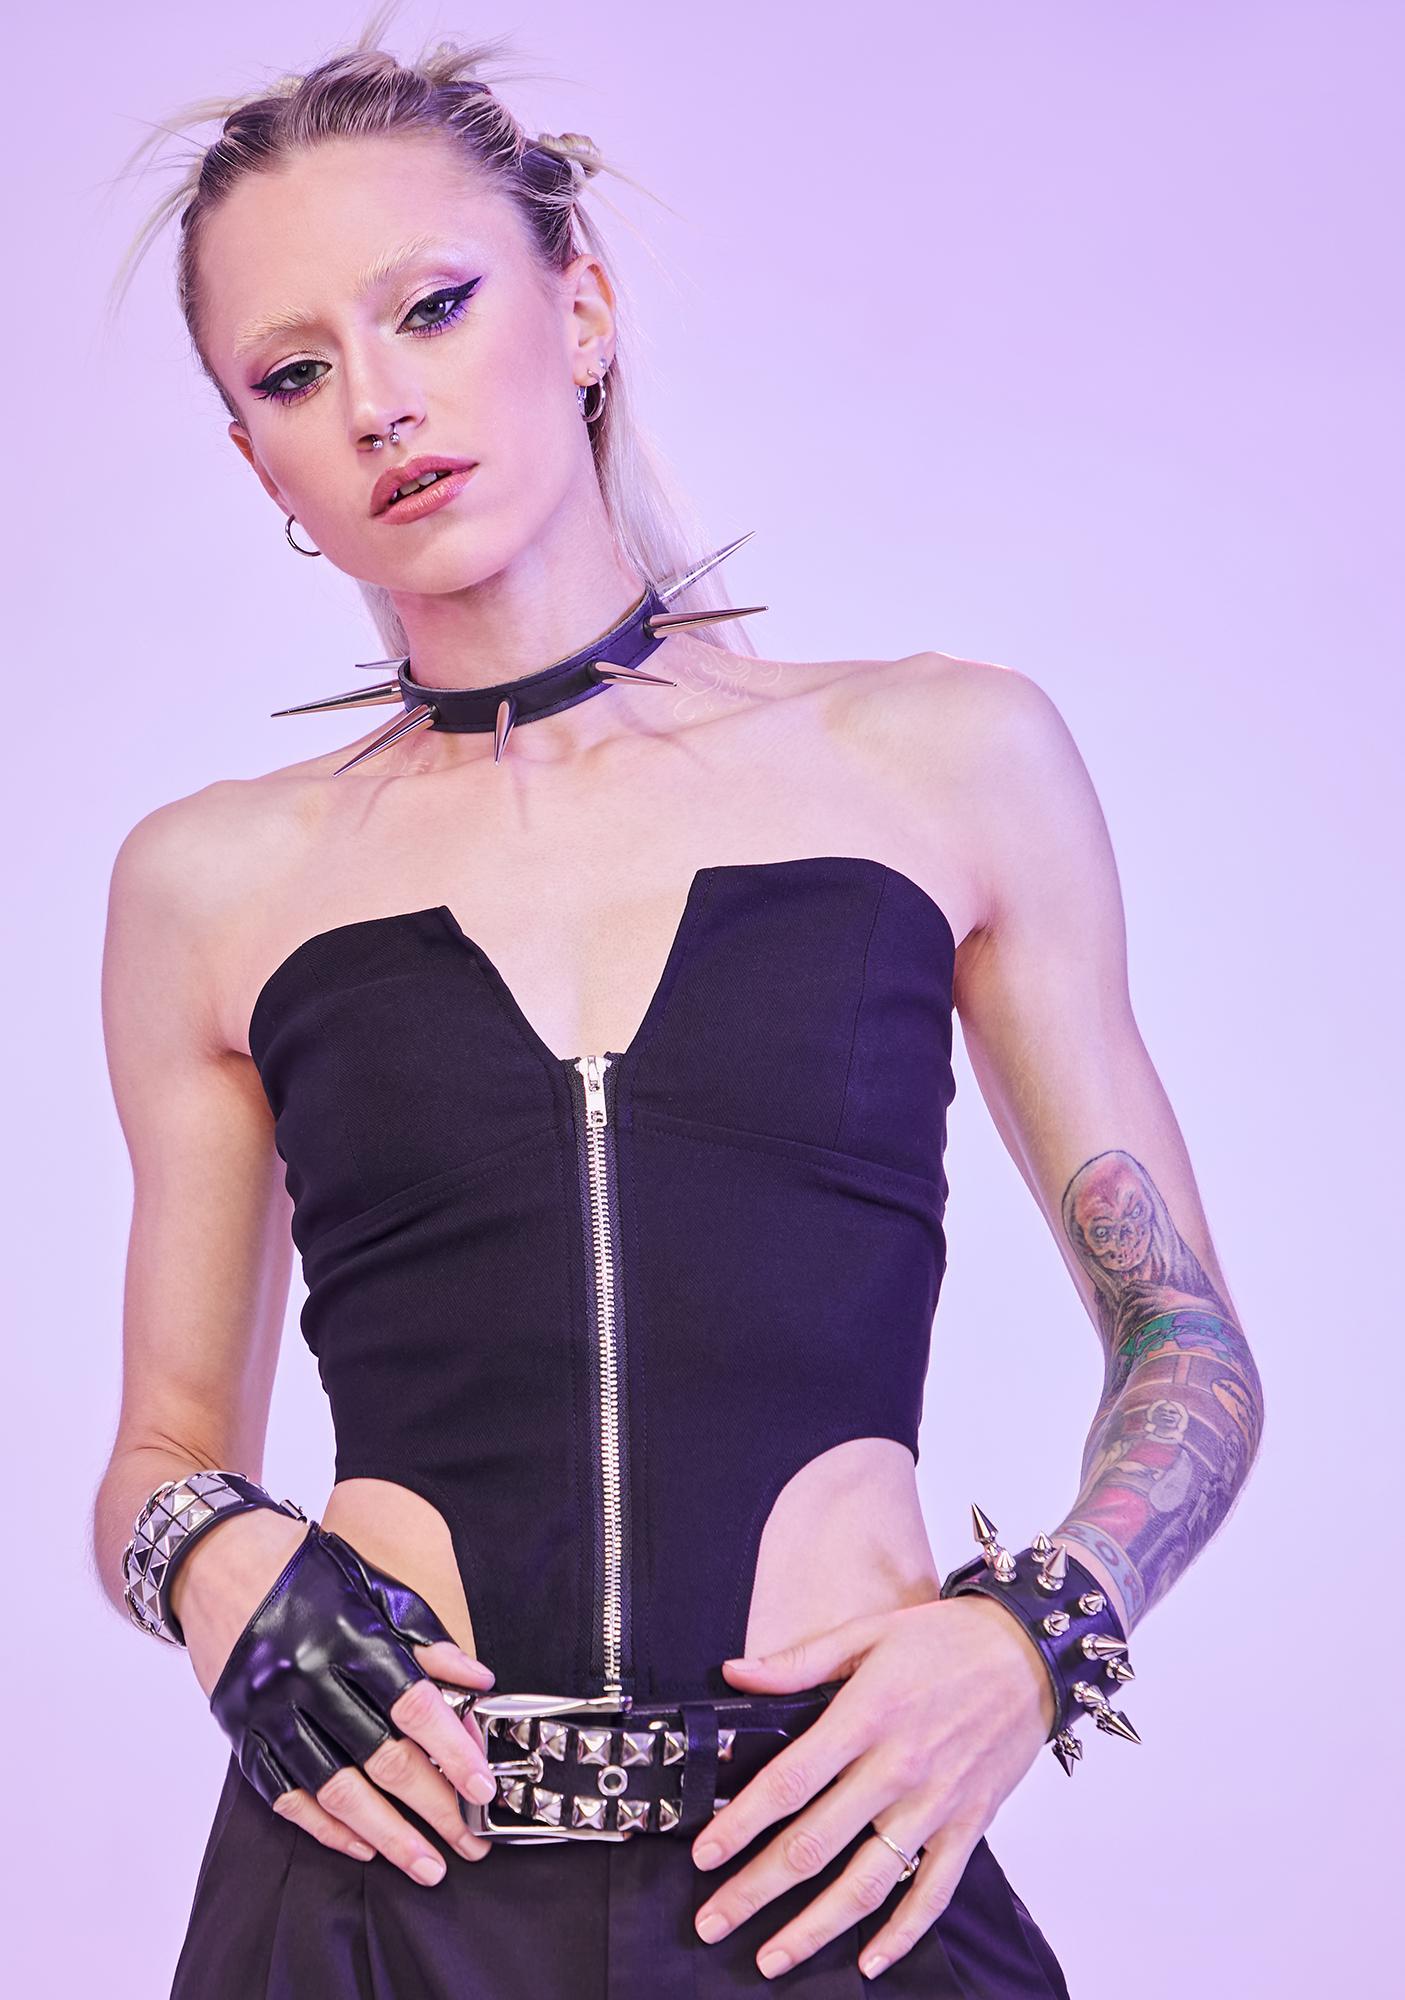 Captivating Queen Strapless Zip Up Corset Top